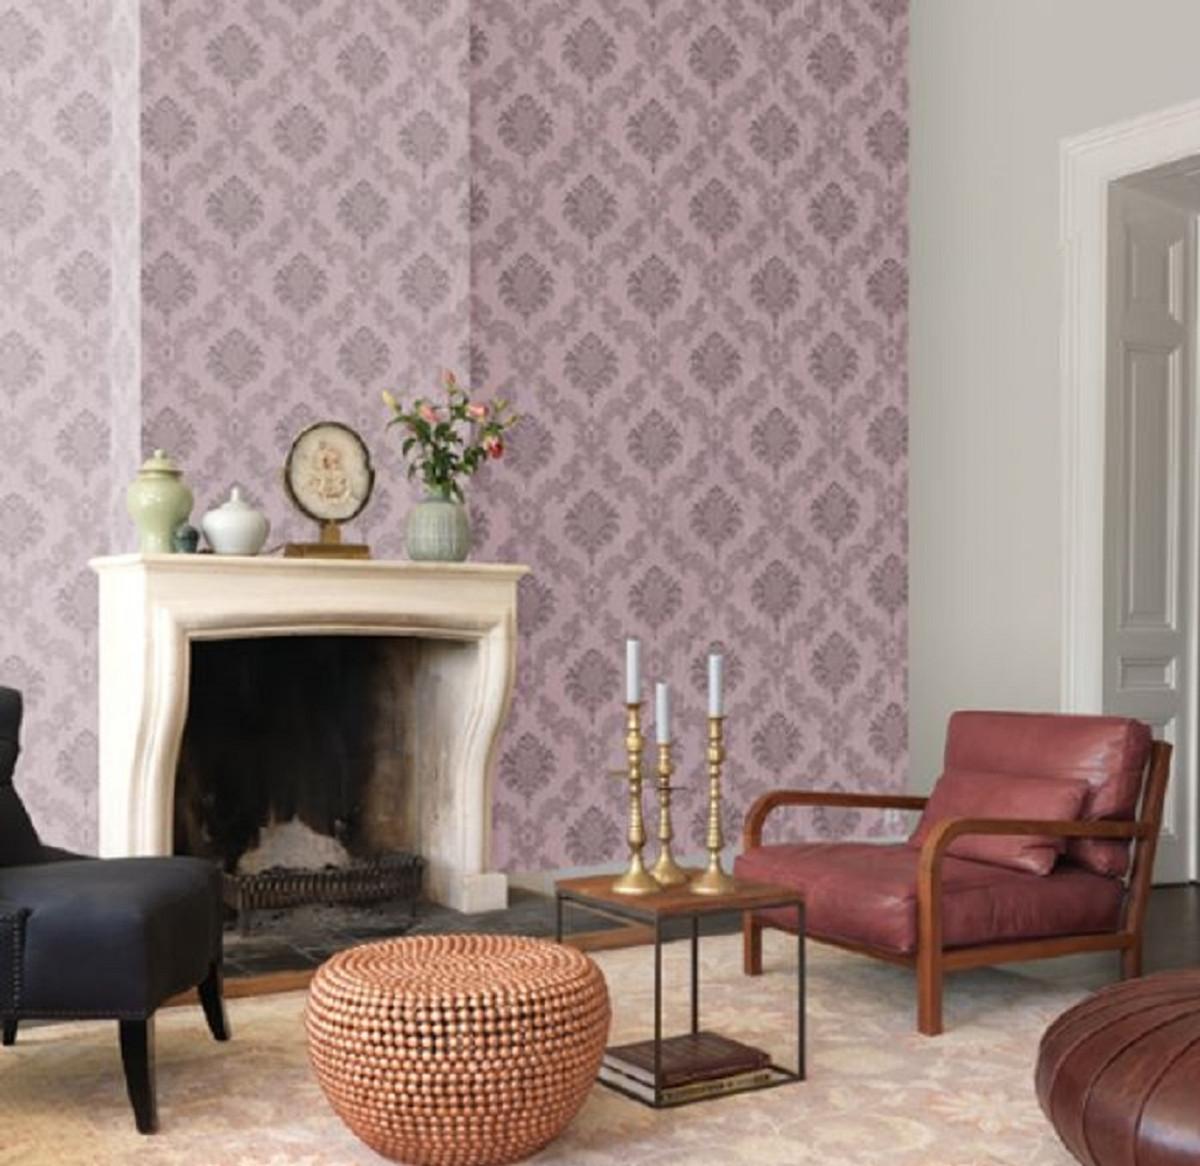 Casa Padrino Barock Textiltapete Flieder / Grau 10,05 x 0,53 m -  Hochwertige Wohnzimmer Tapete im Barockstil